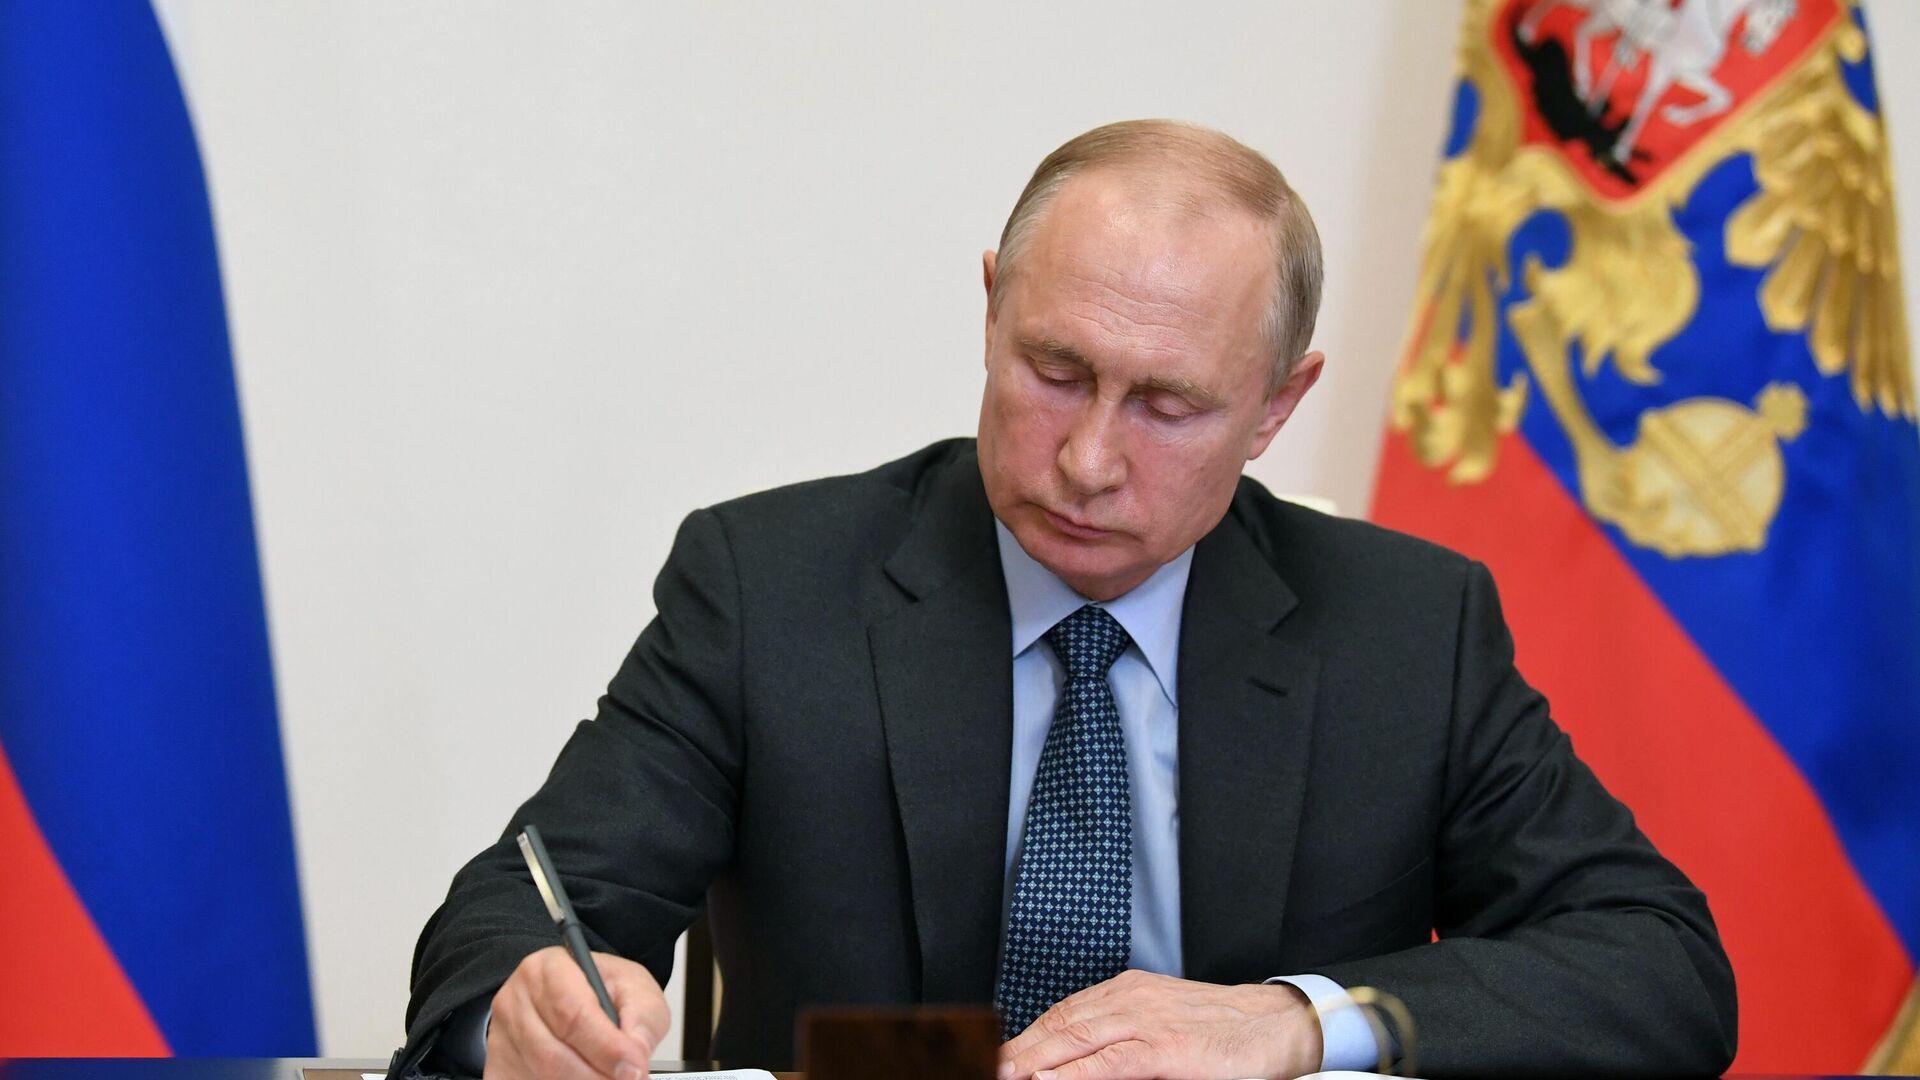 Президент России Владимир Путин - РИА Новости, 1920, 22.09.2020